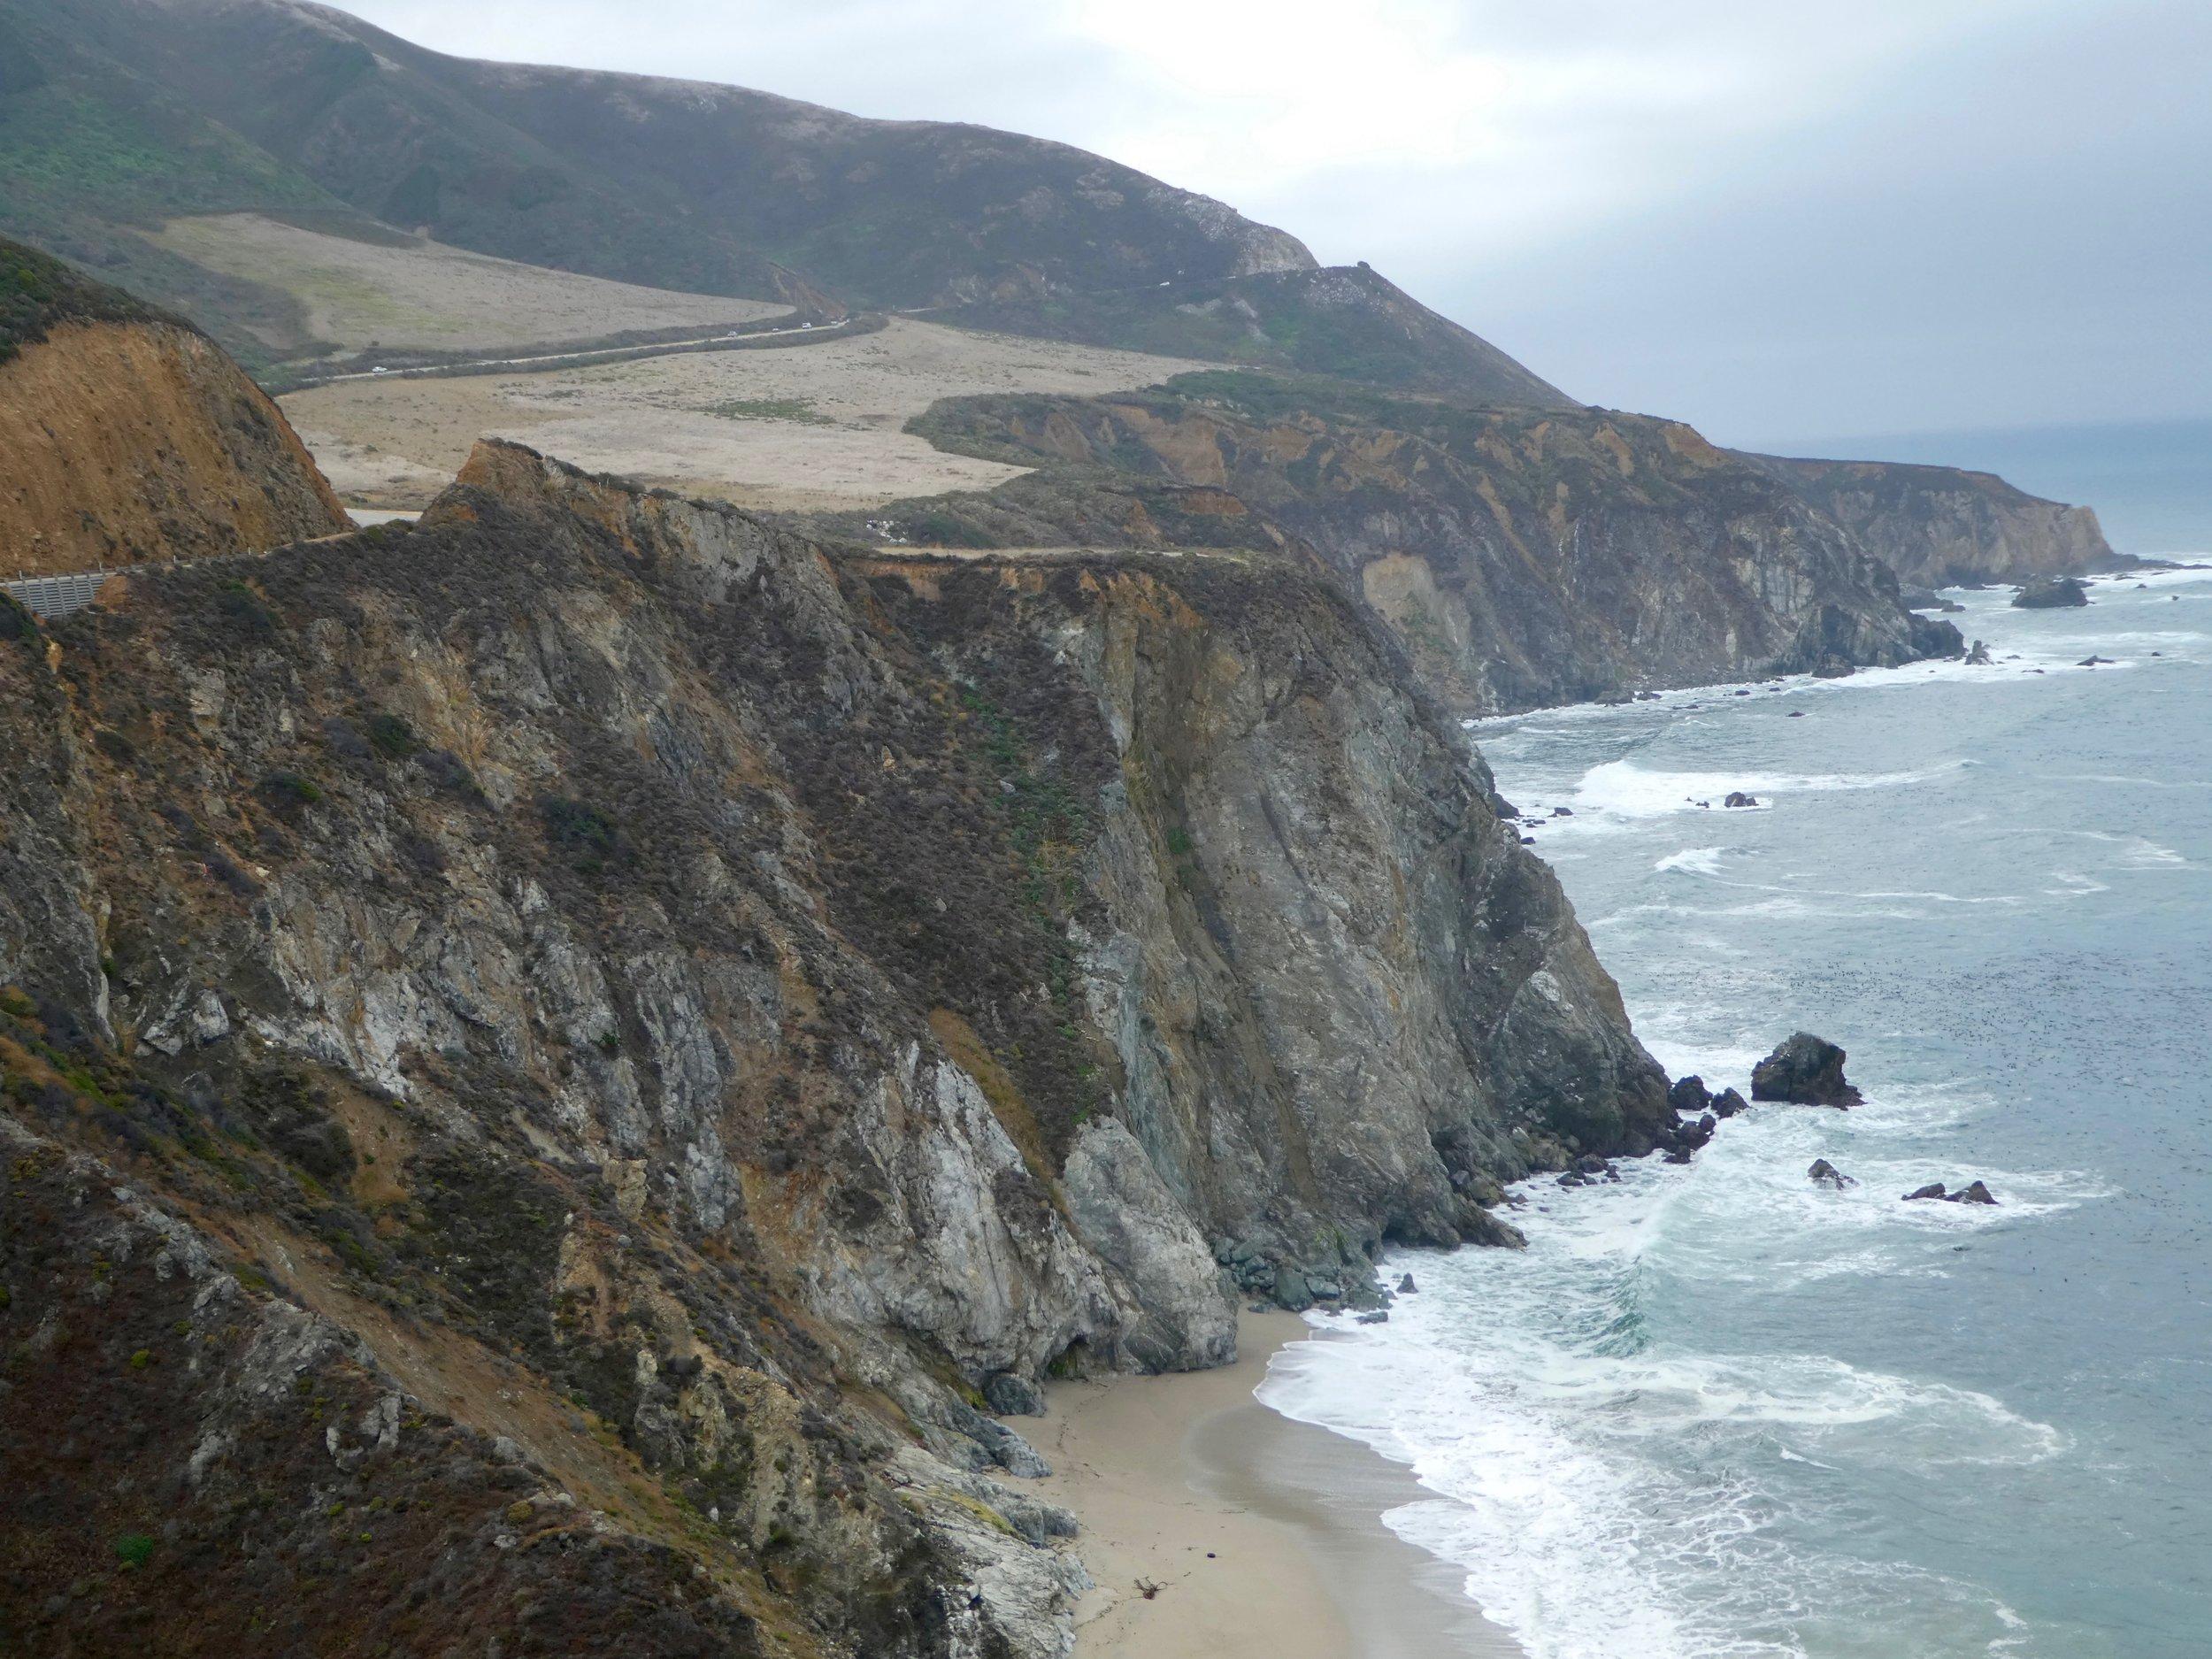 pacific-coast-highway-big- sur-california.jpg